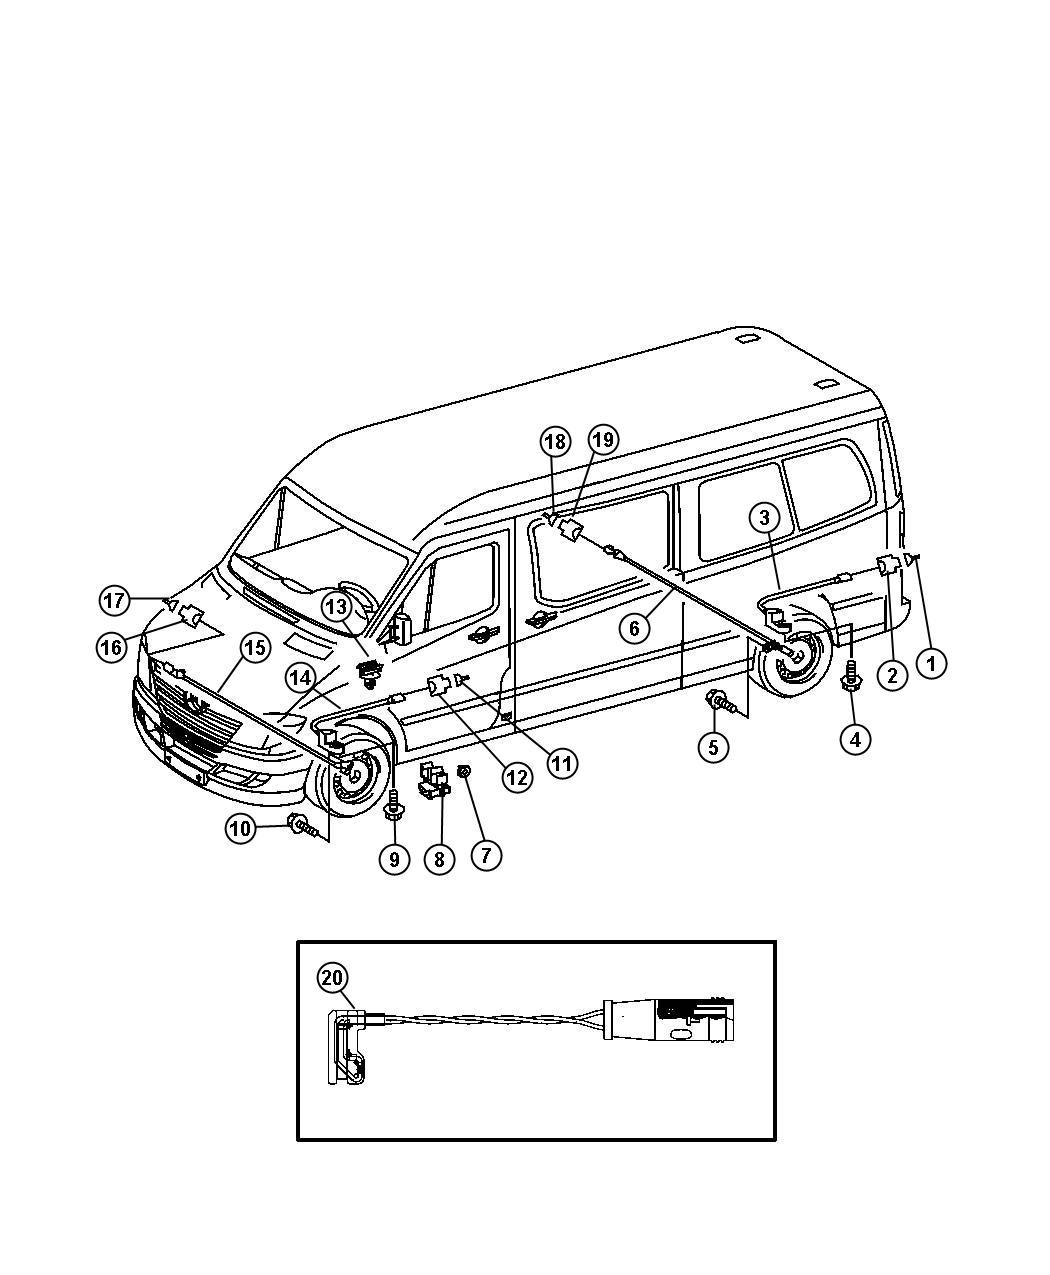 Brake Pad Wear Indicator & Speed Sensor